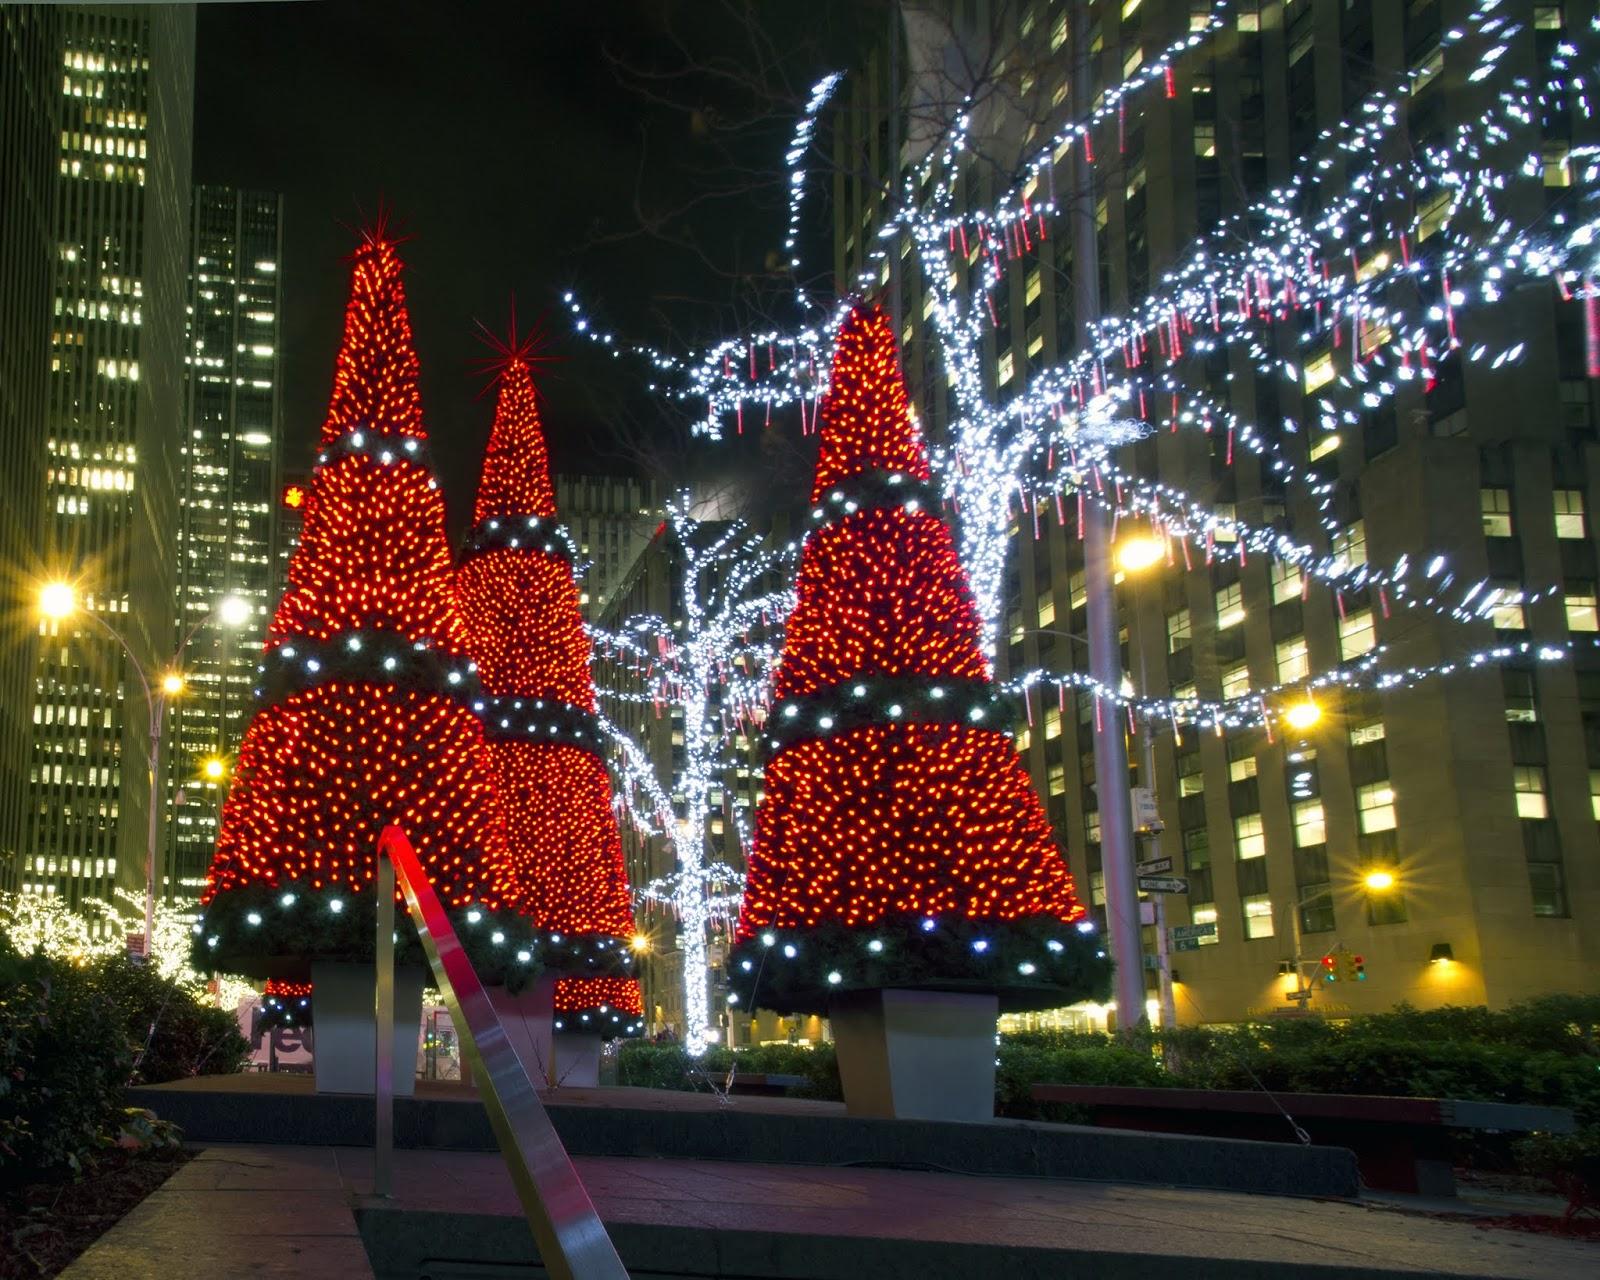 genickstarre nyc weihnachten in new york